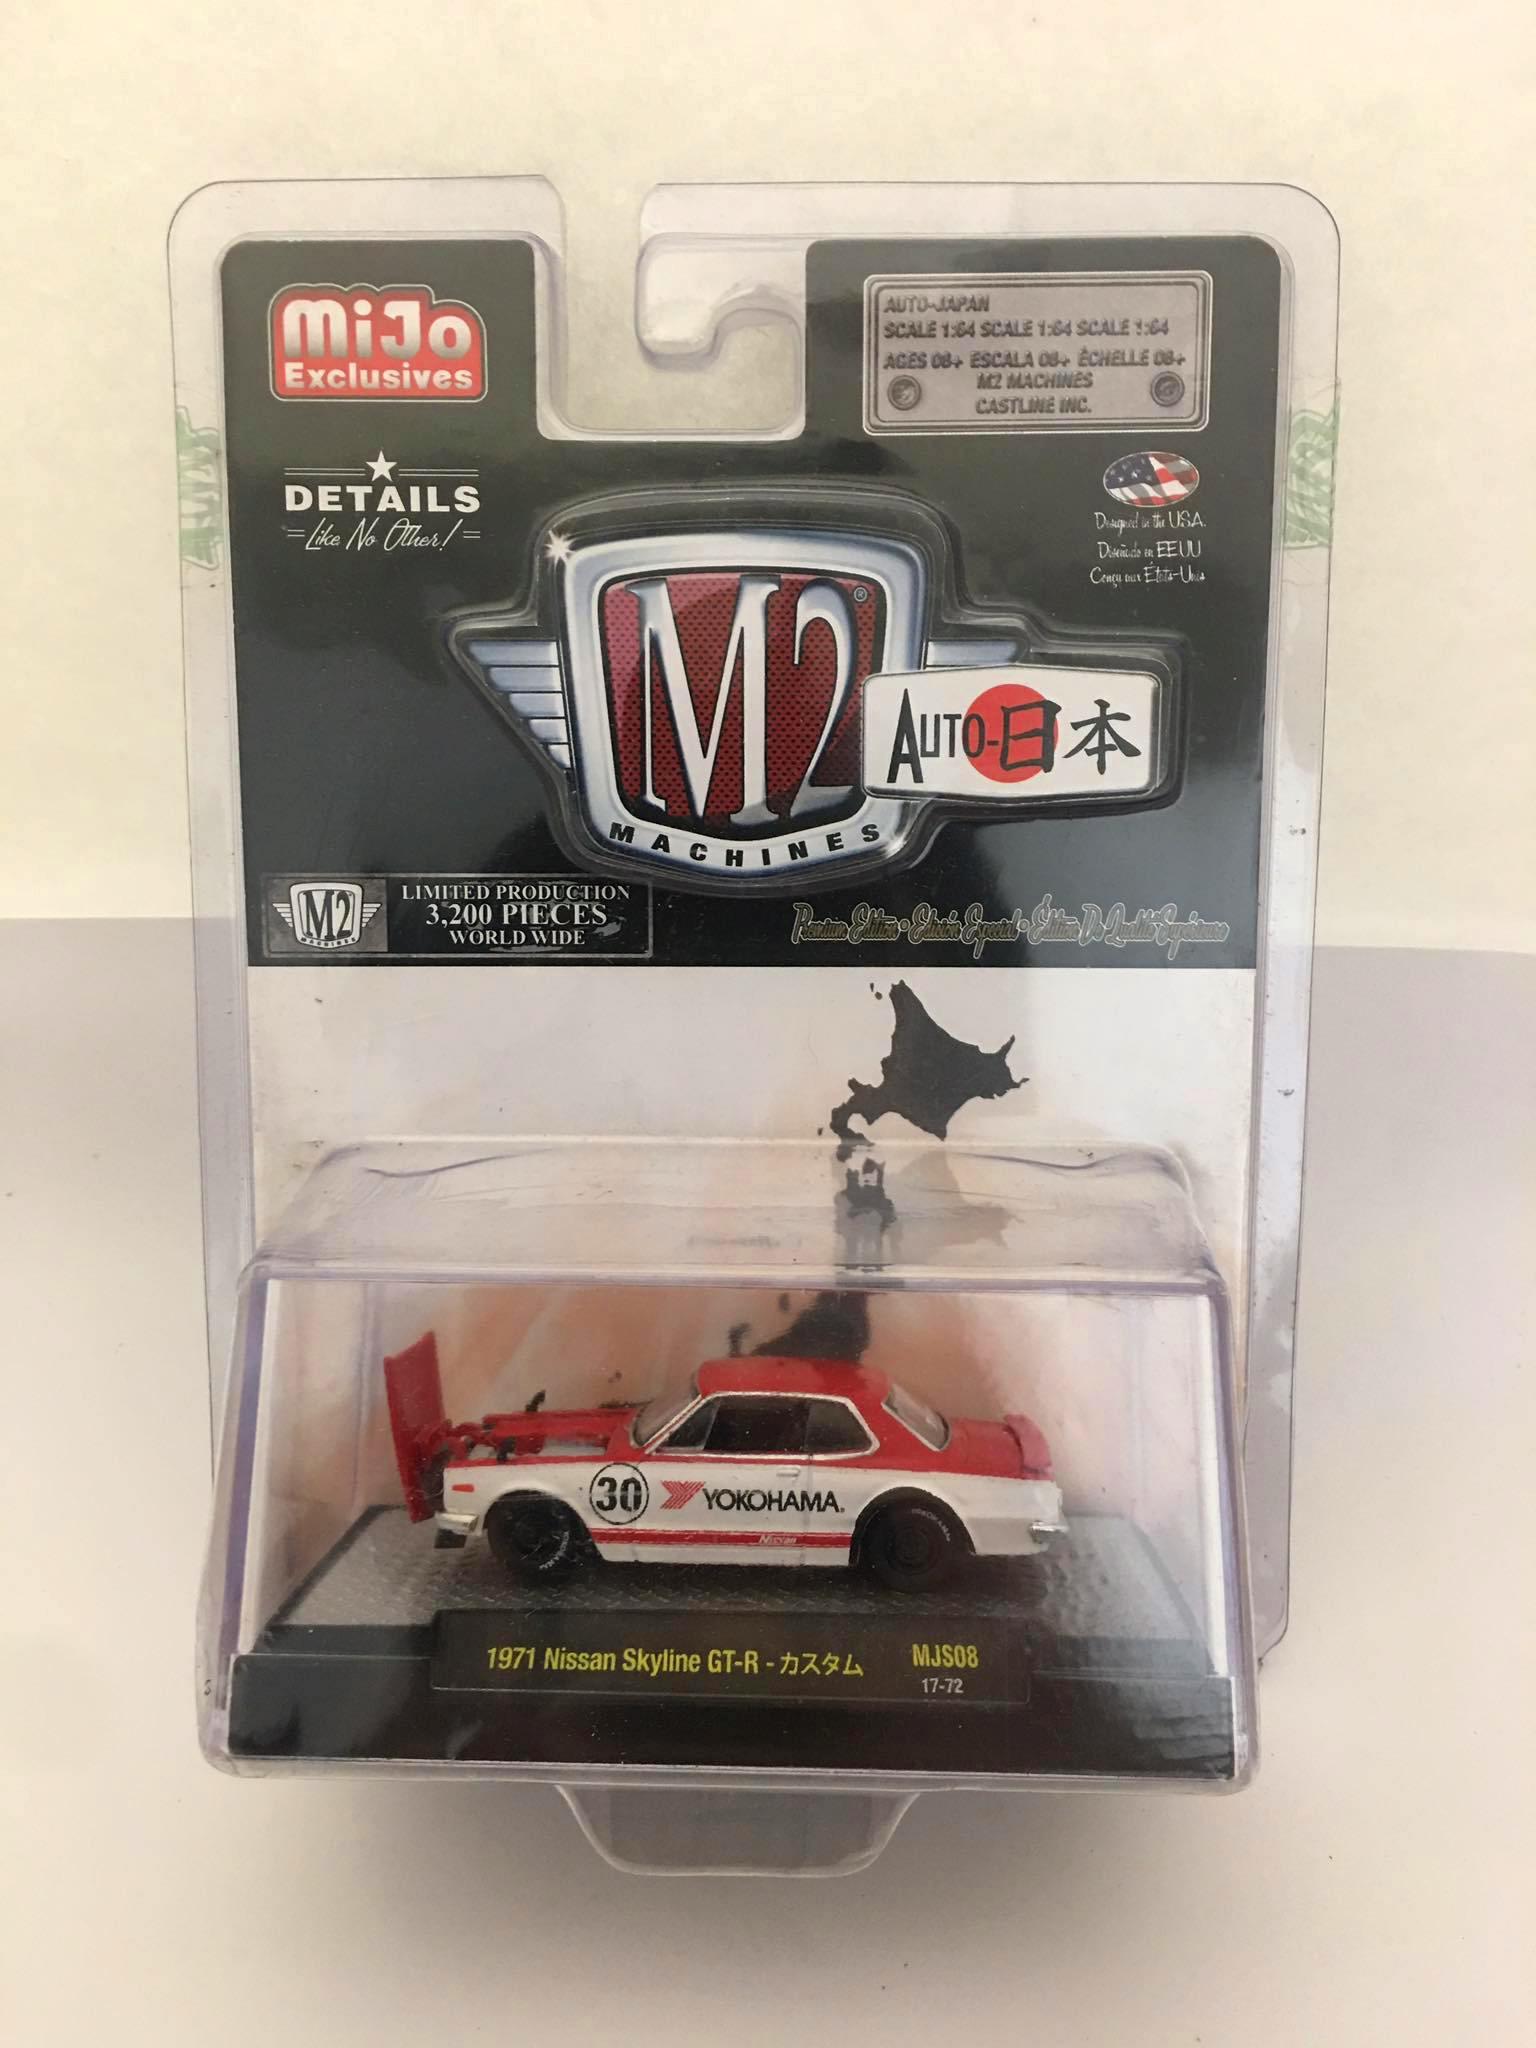 M2 Machines - 1971 Nissan Skyline GT-R Vermelho - Auto Japan